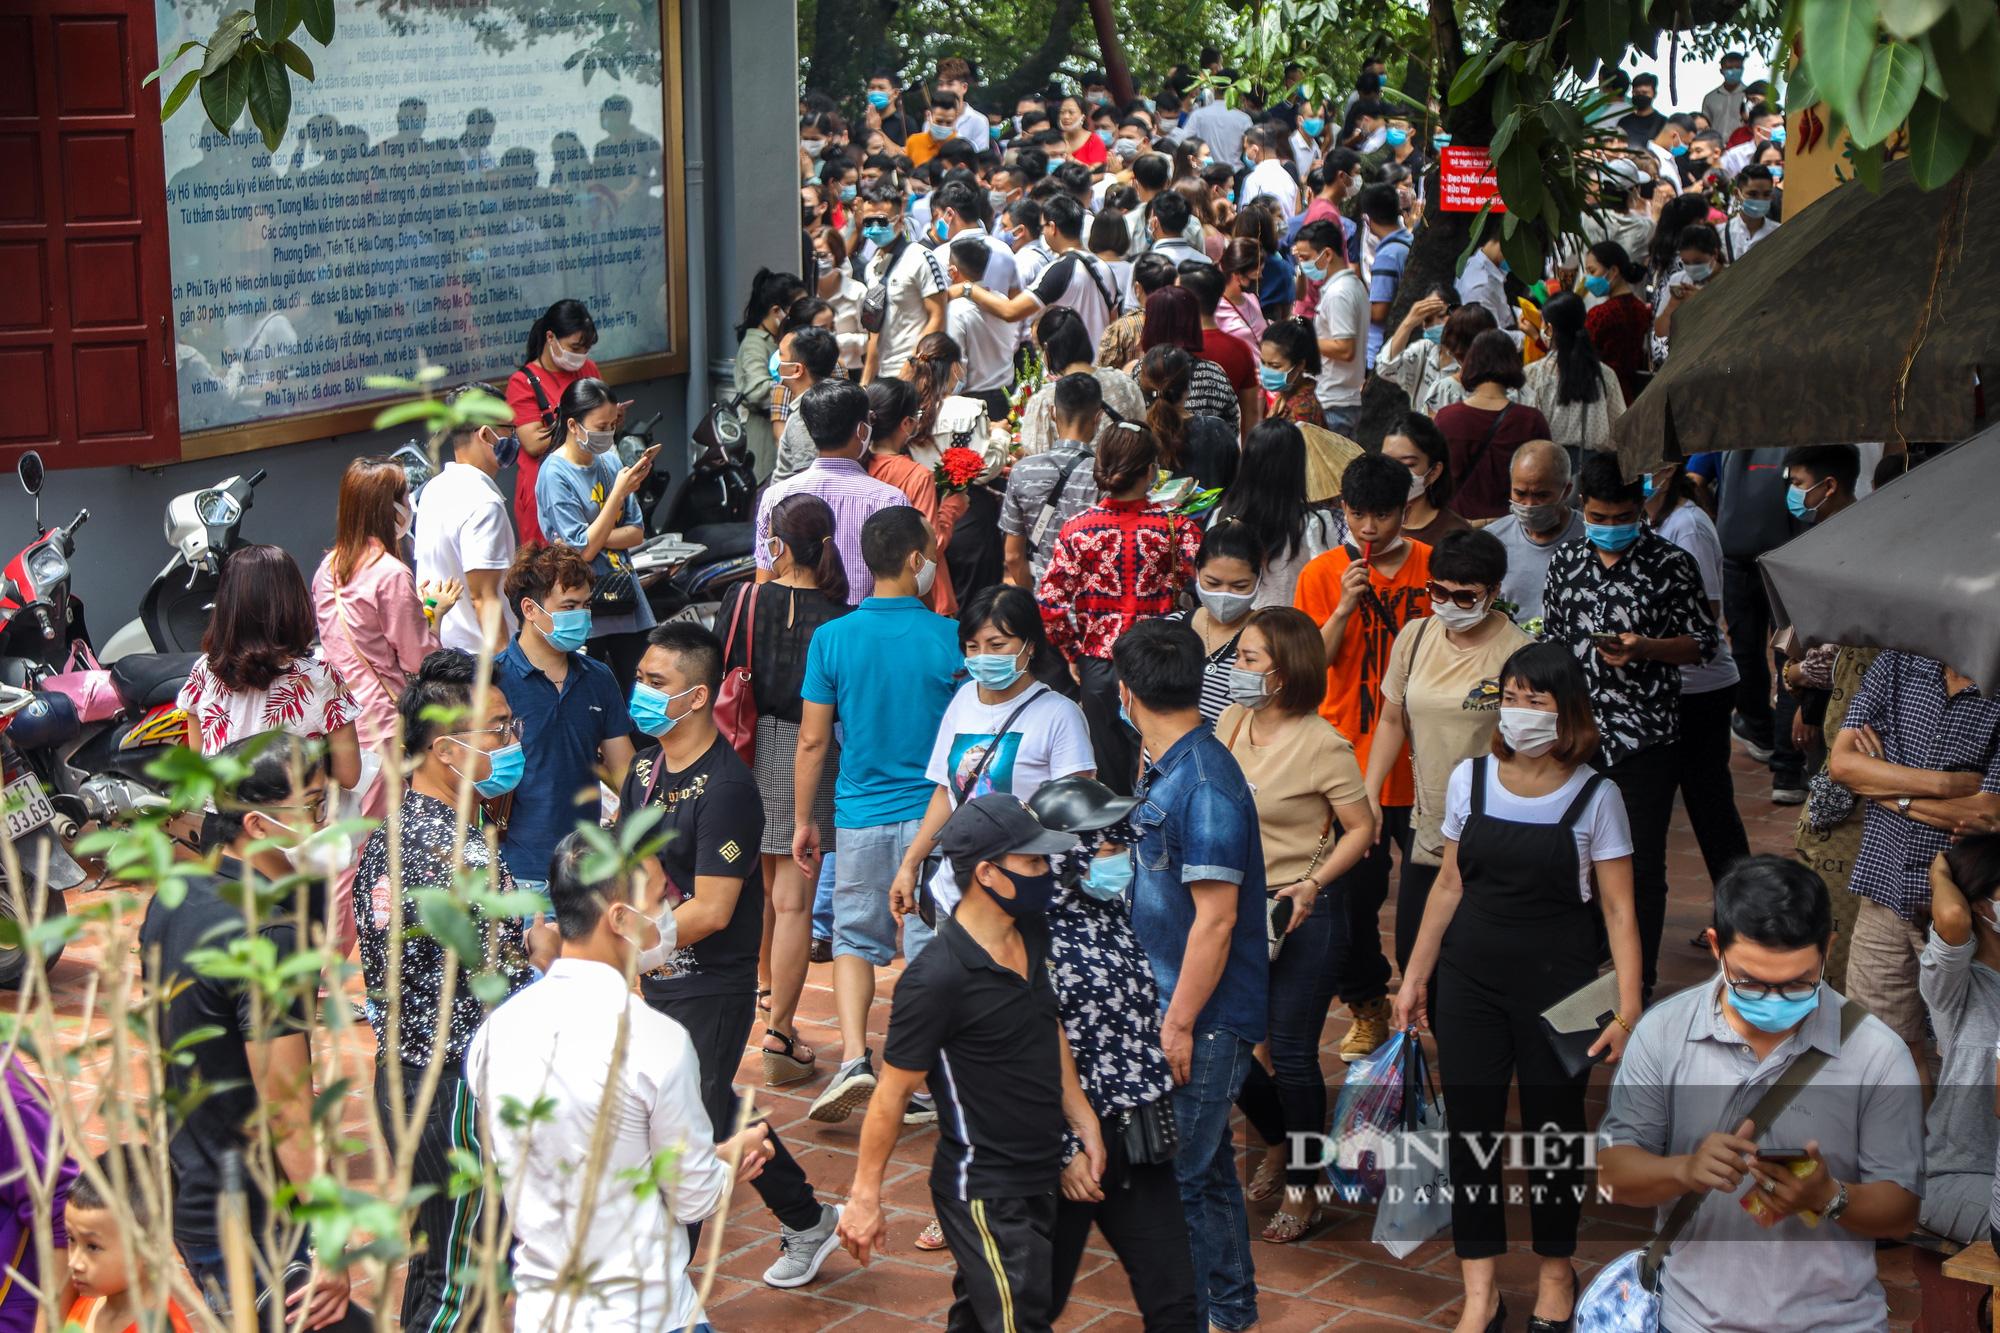 Phủ Tây Hồ đông nghịt người trong ngày đầu Hà Nội thực hiện giãn cách - Ảnh 3.